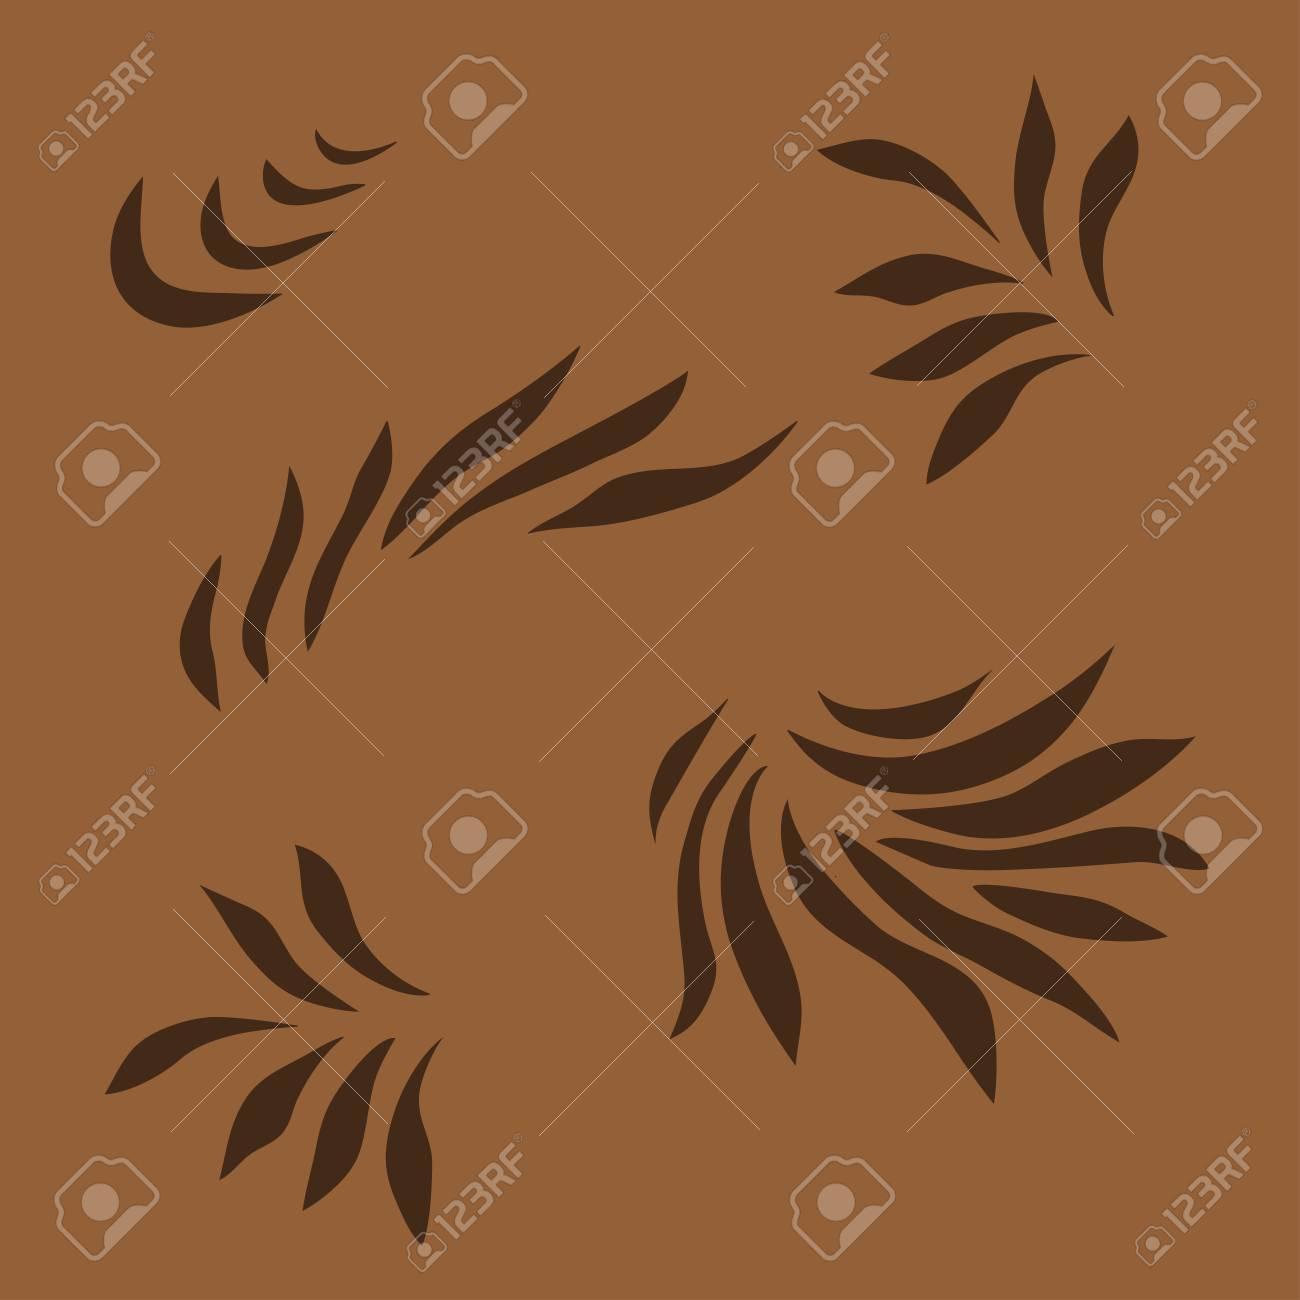 塗装の茶色の抽象的なパターン 波状の背景 花びら 葉 草 炎のよう